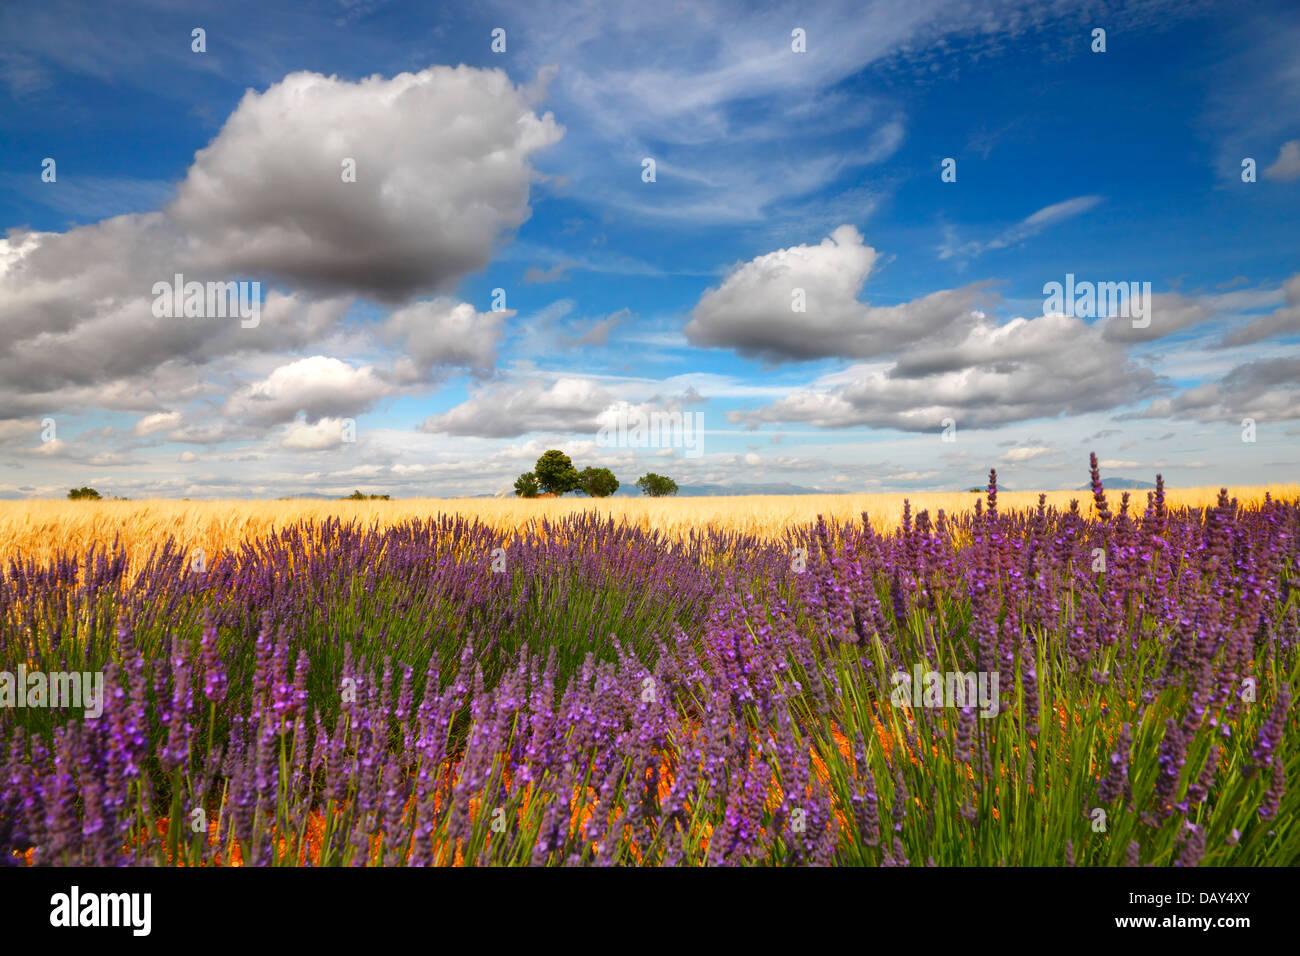 Lavendel-Feld mit schönen Wolken, Provence Frankreich. Stockbild